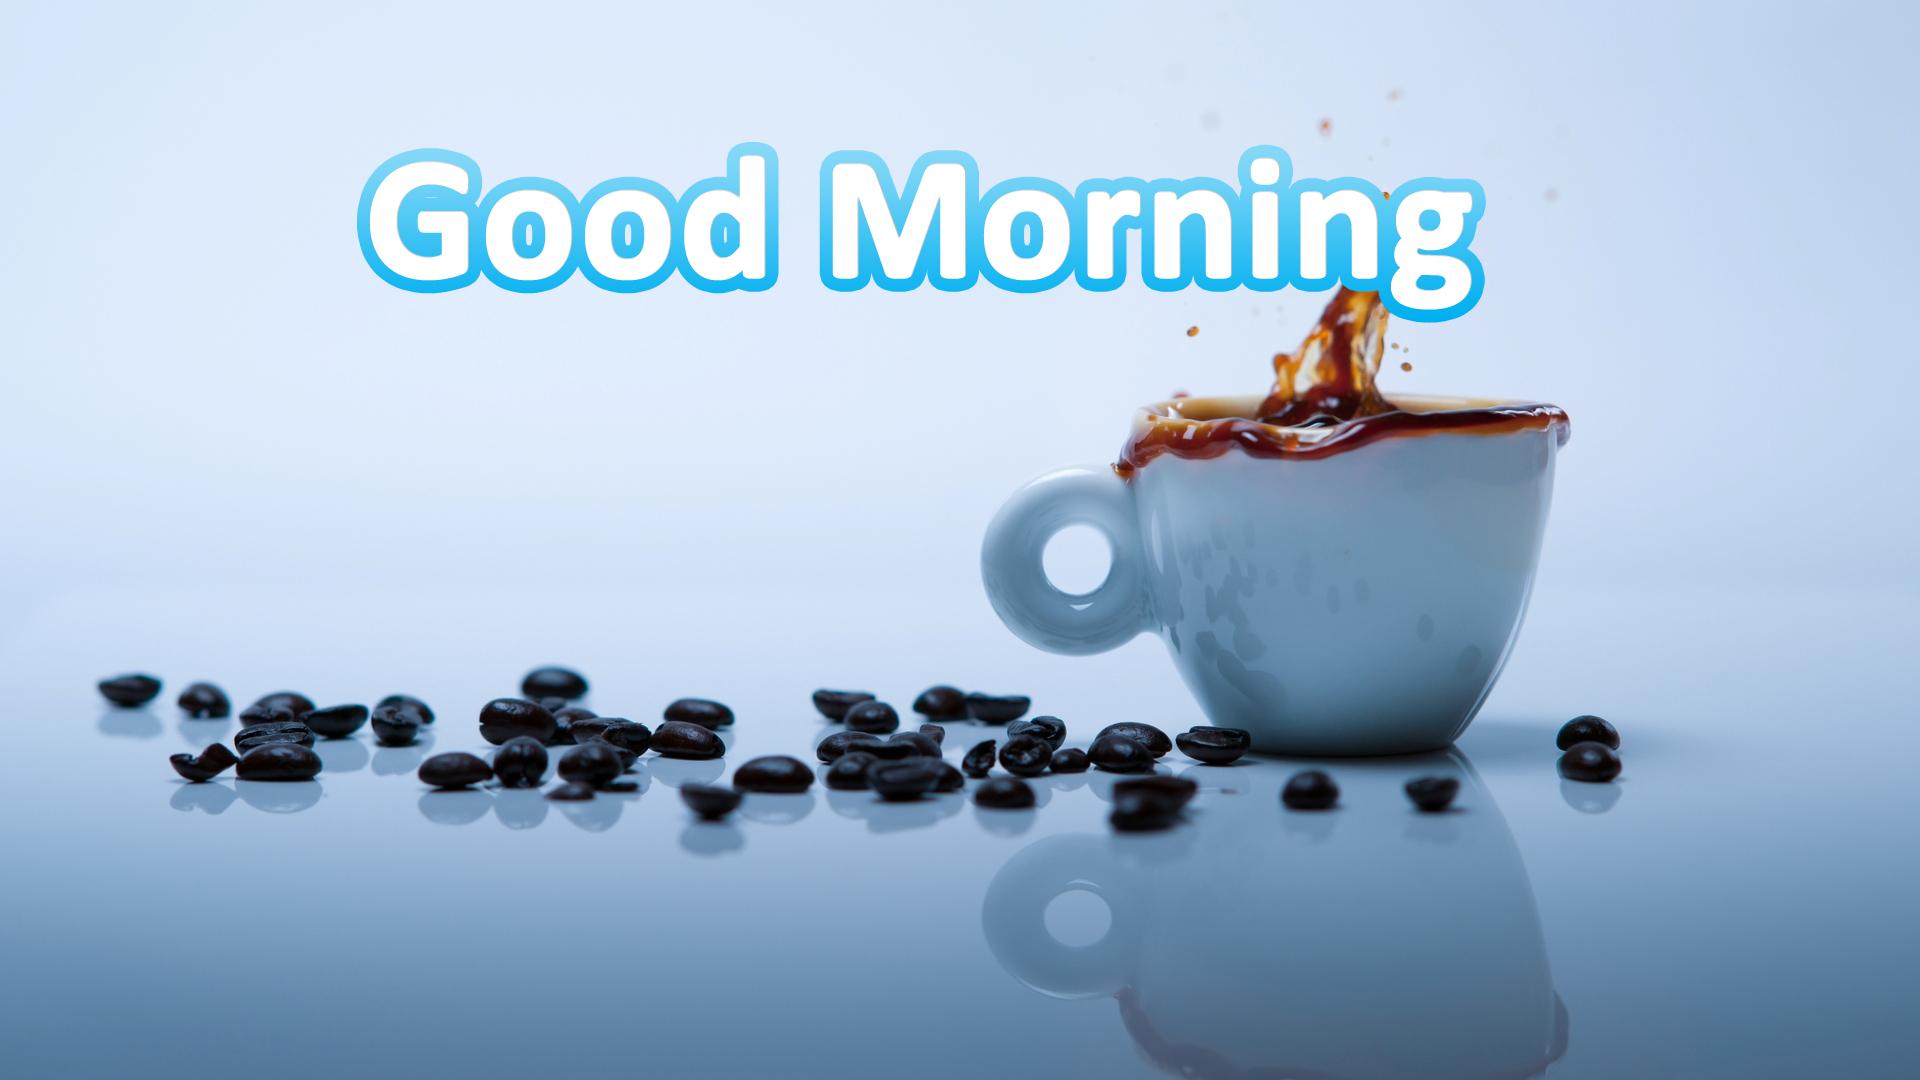 صور صباح الخير بالانجليزية 11